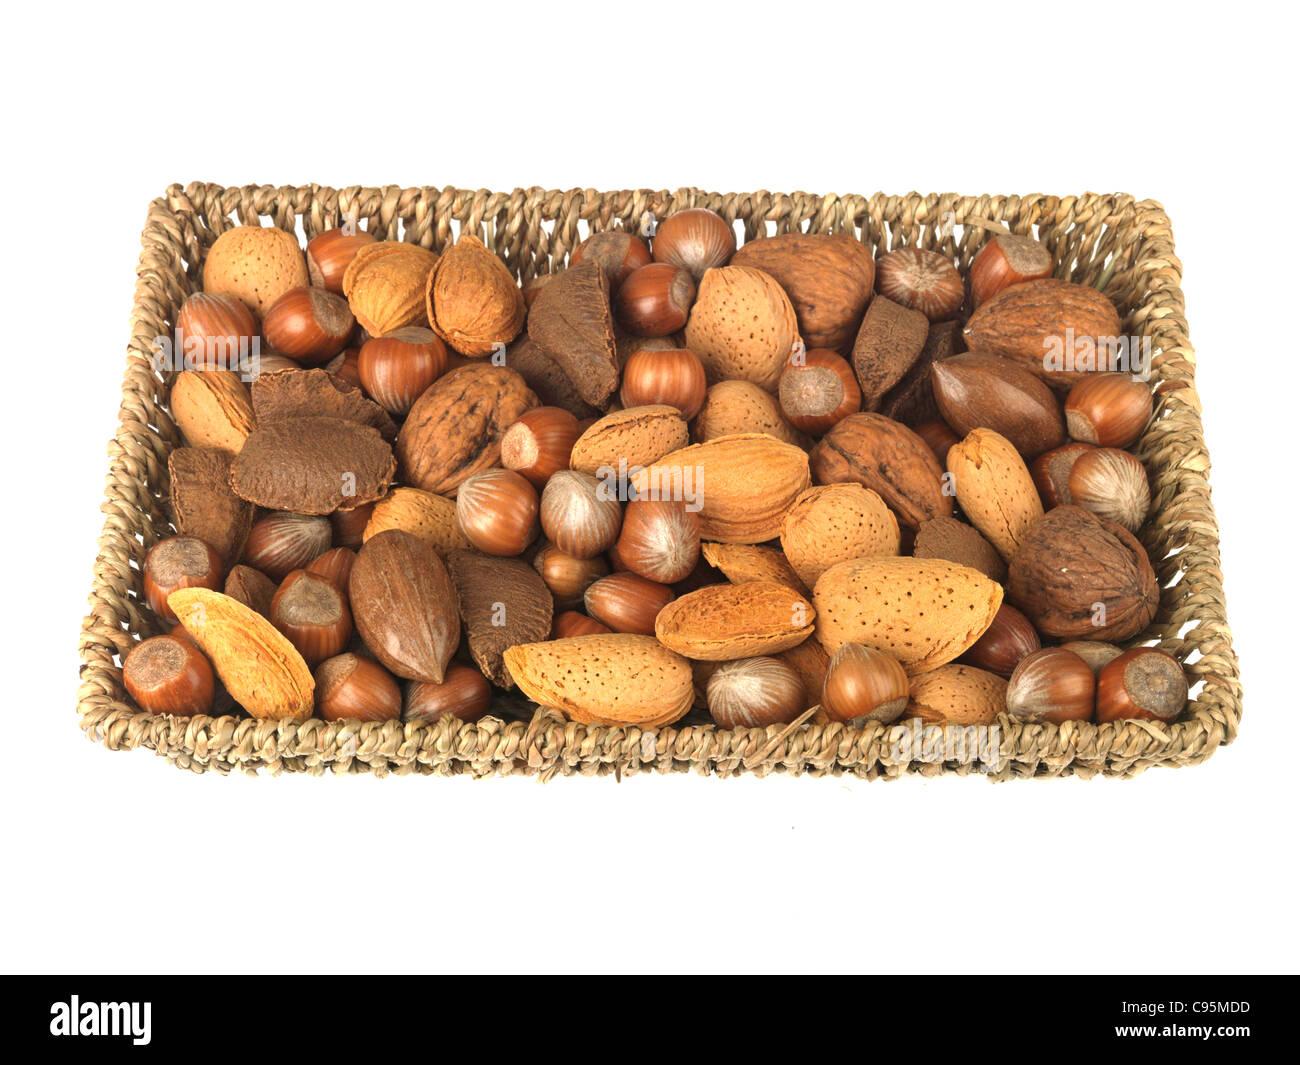 Tray Mixed Nuts - Stock Image